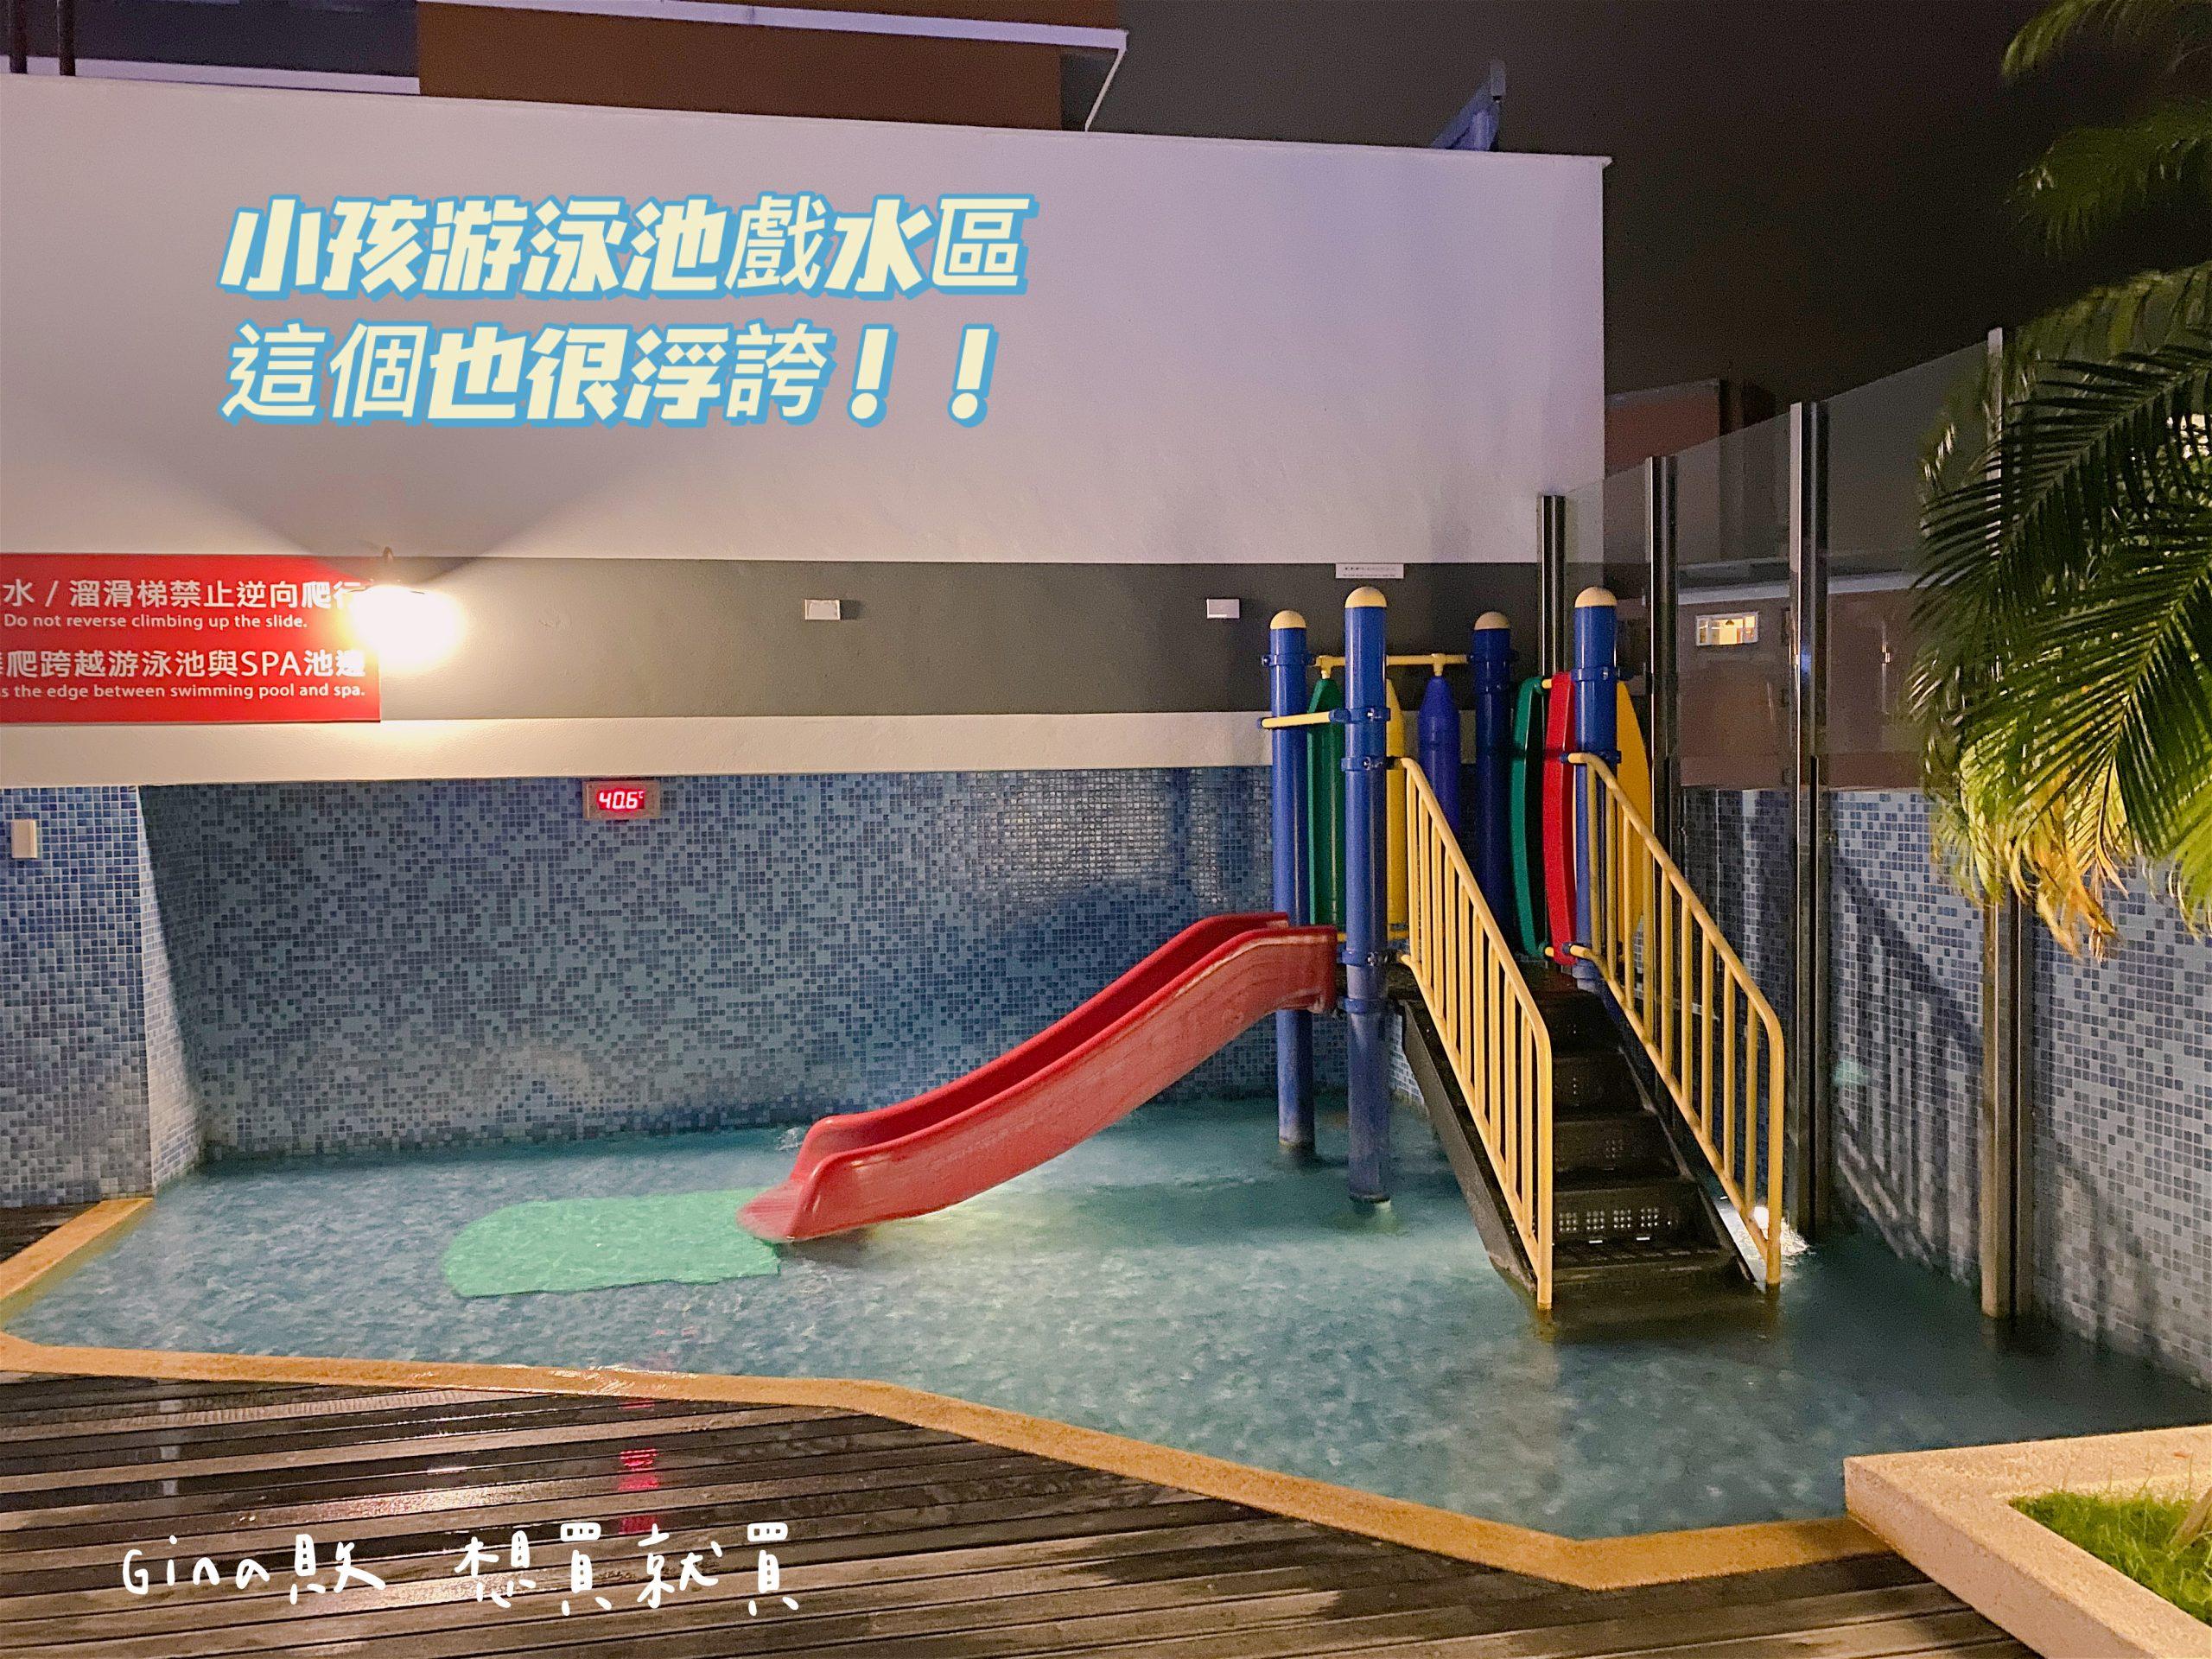 【2021機車環島】DAY15-16 兆品酒店礁溪 台灣最北富貴角燈塔 東北角-最後一天傾盆大雨 @GINA環球旅行生活